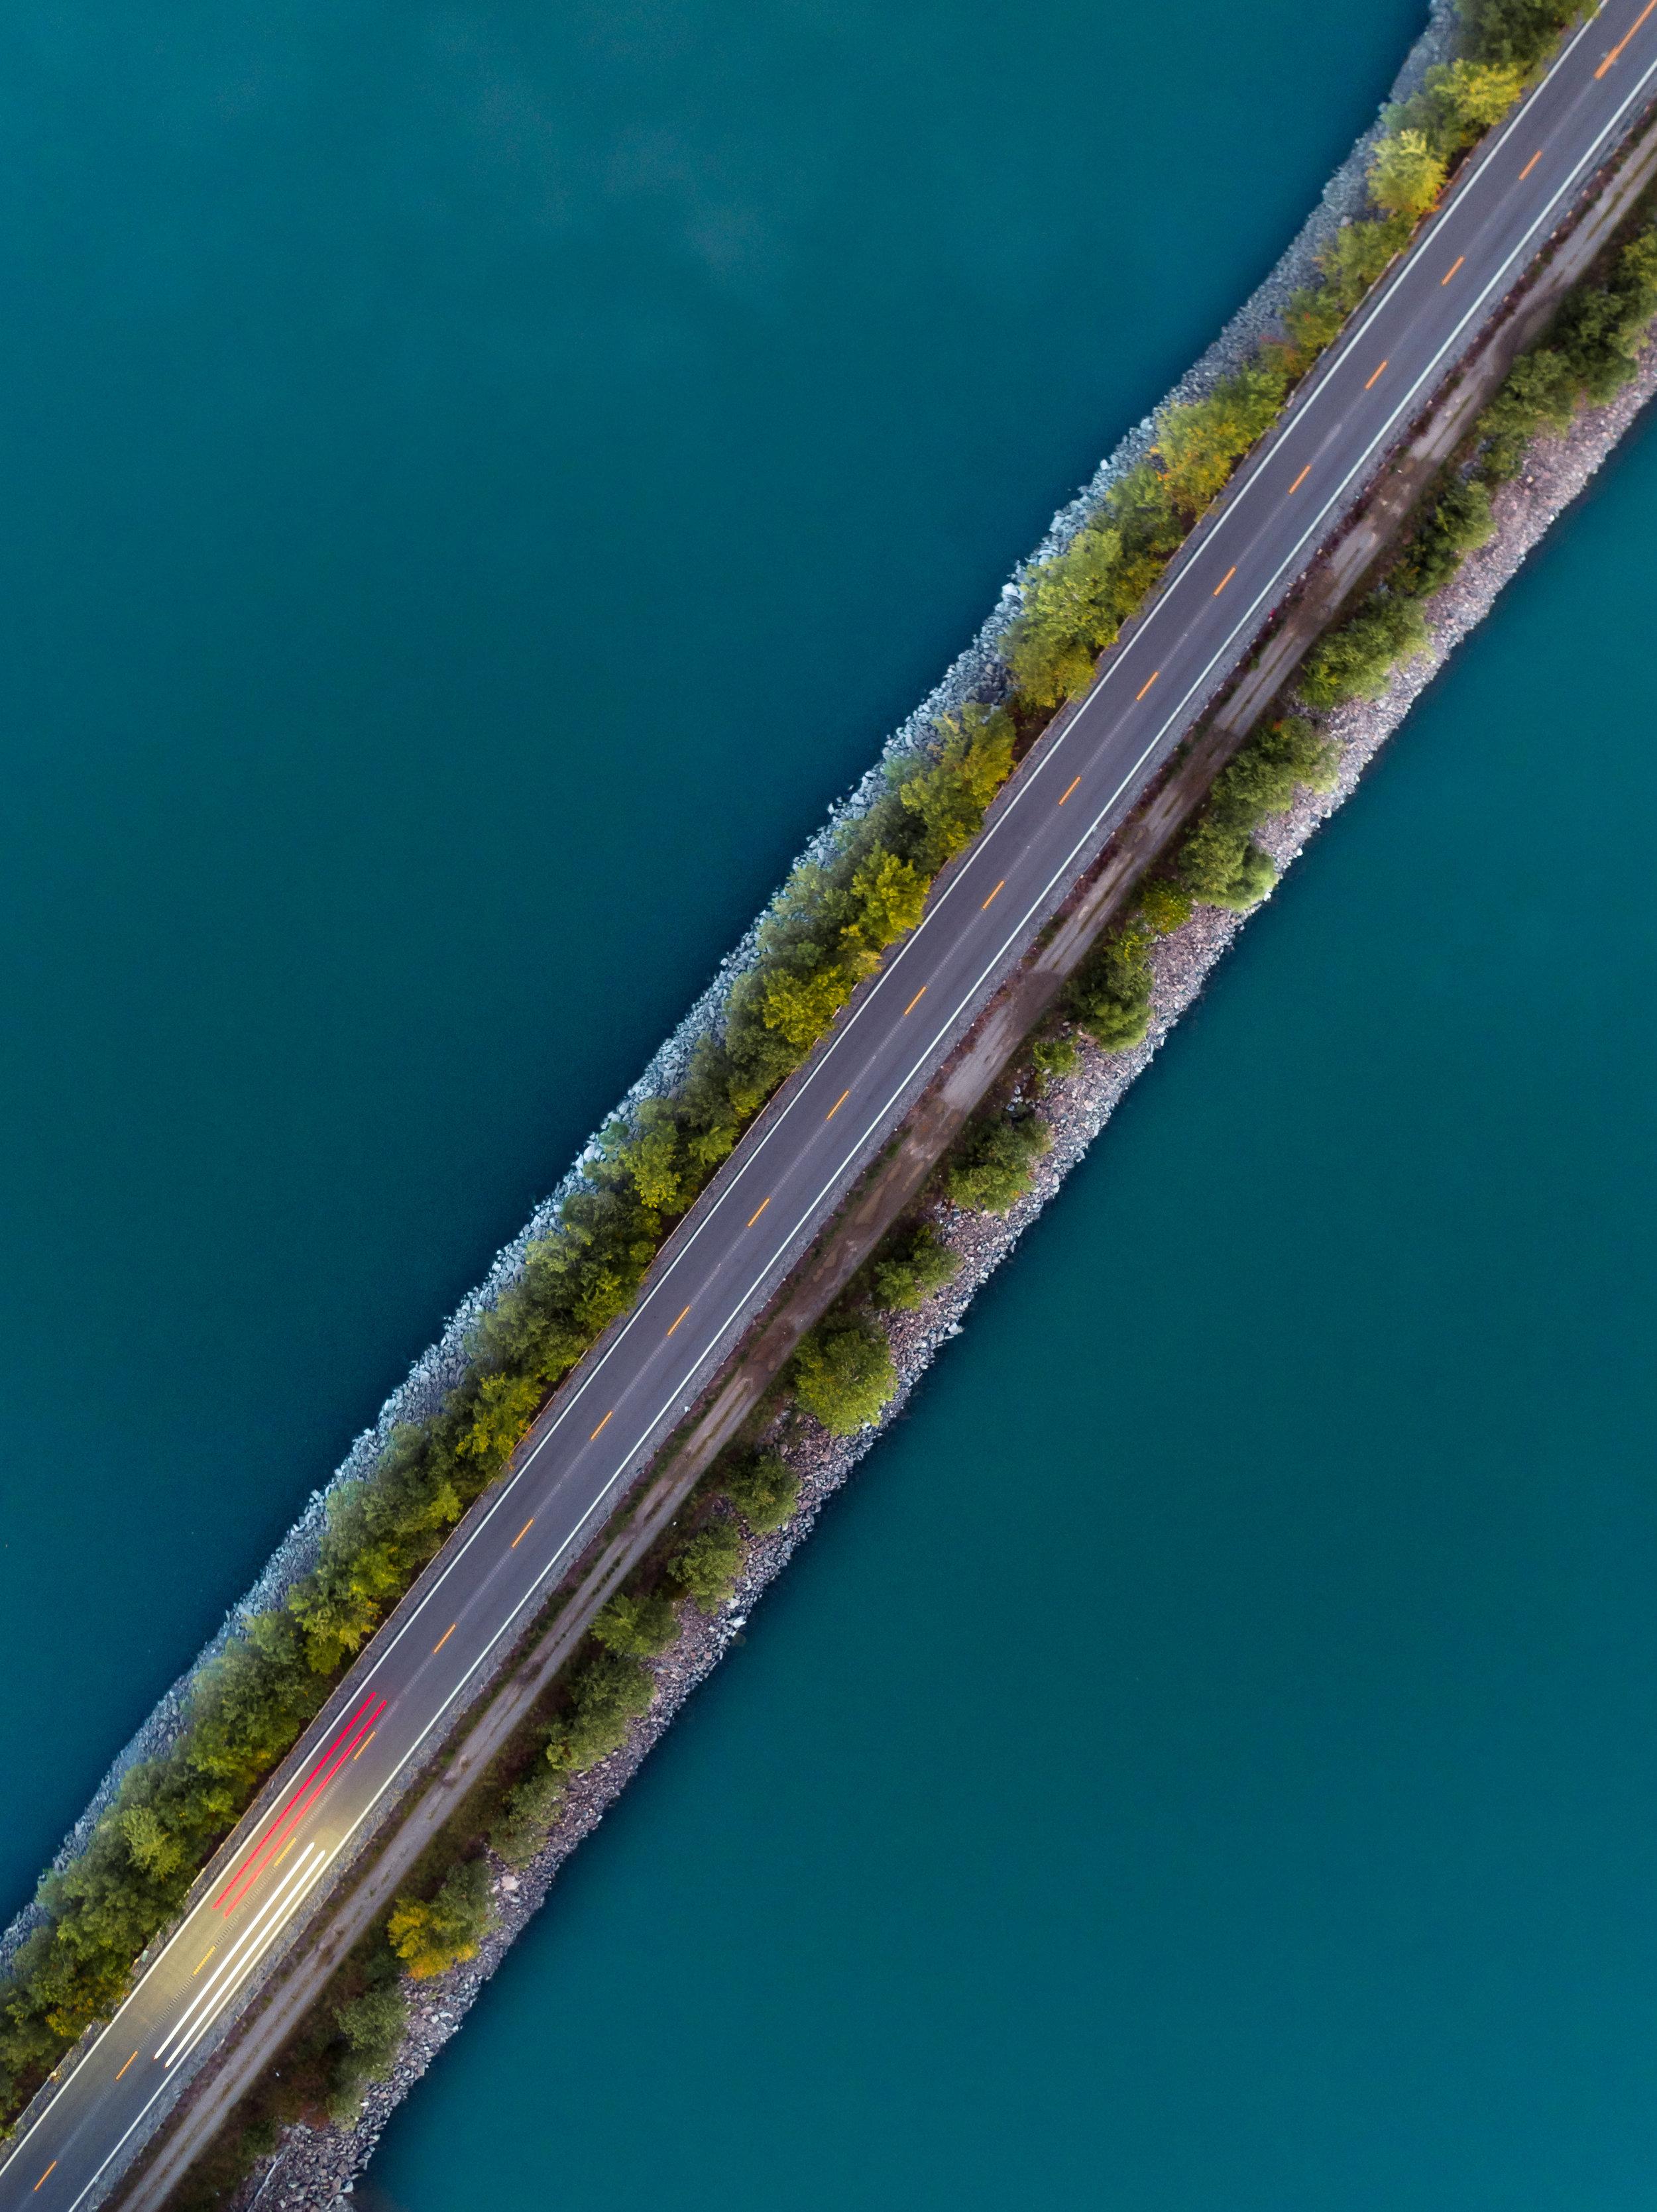 roadway_typoland_aerial-1.jpg